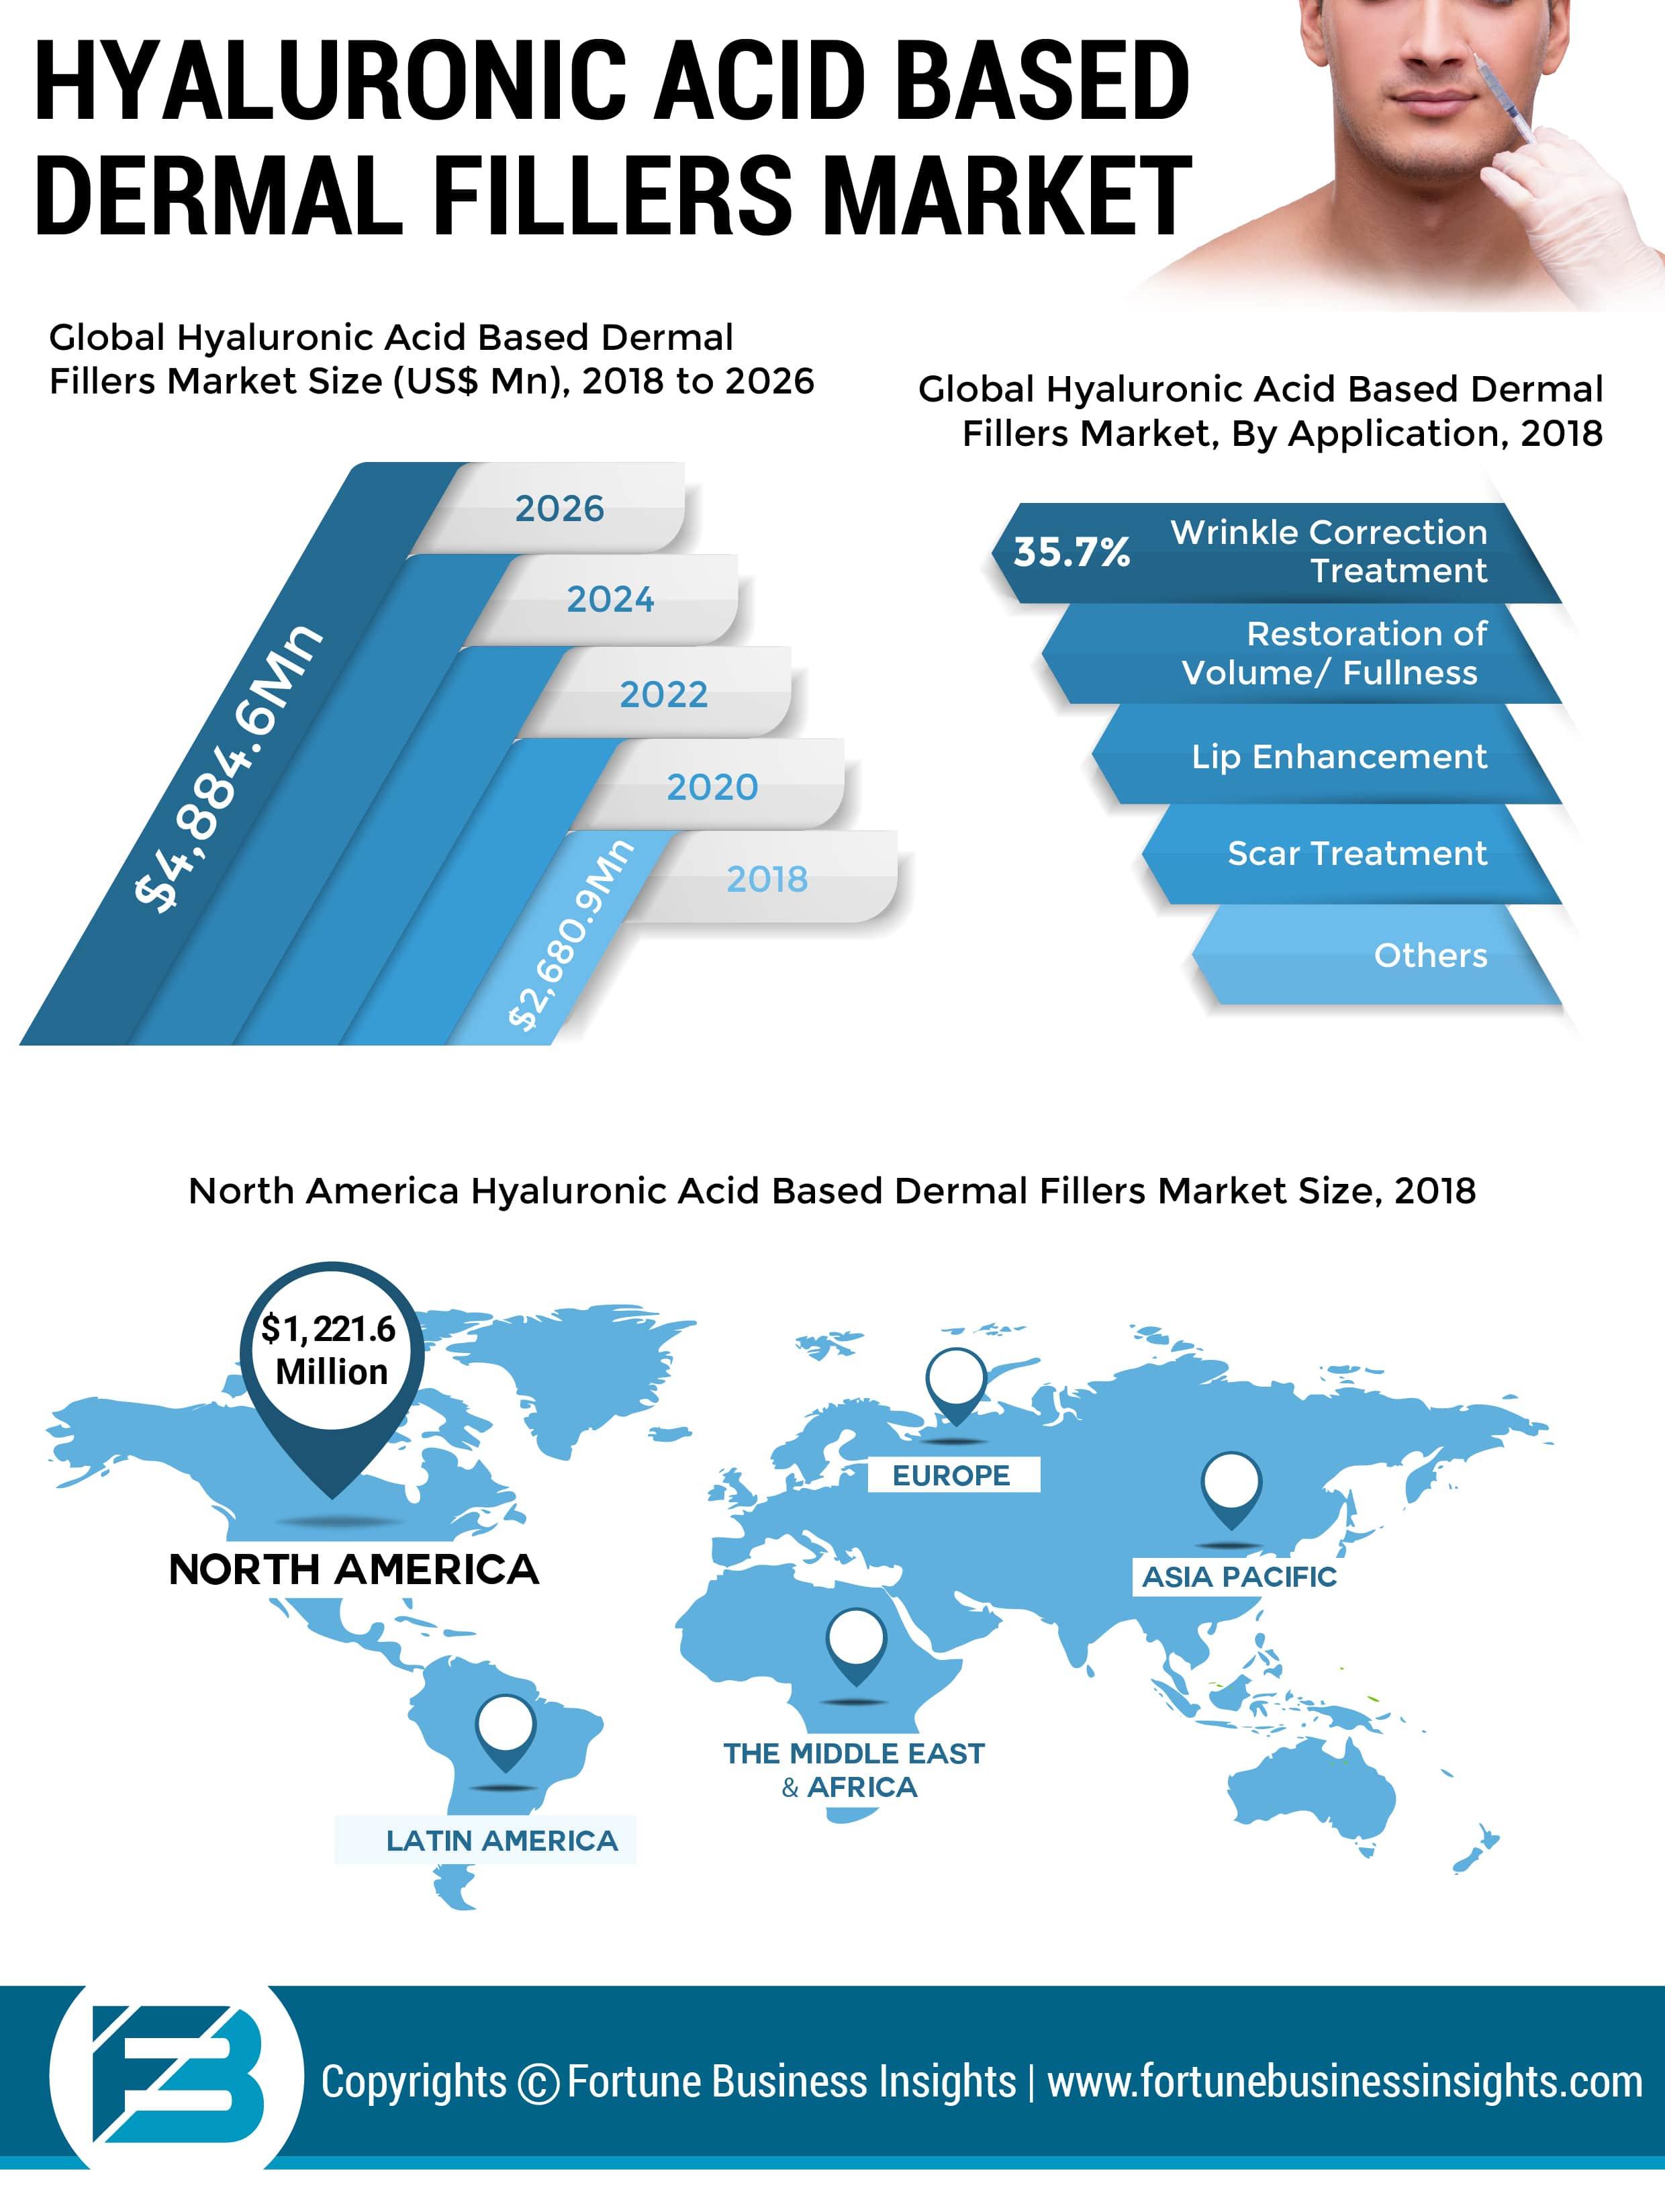 Hyaluronic Acid Based Dermal Fillers Market